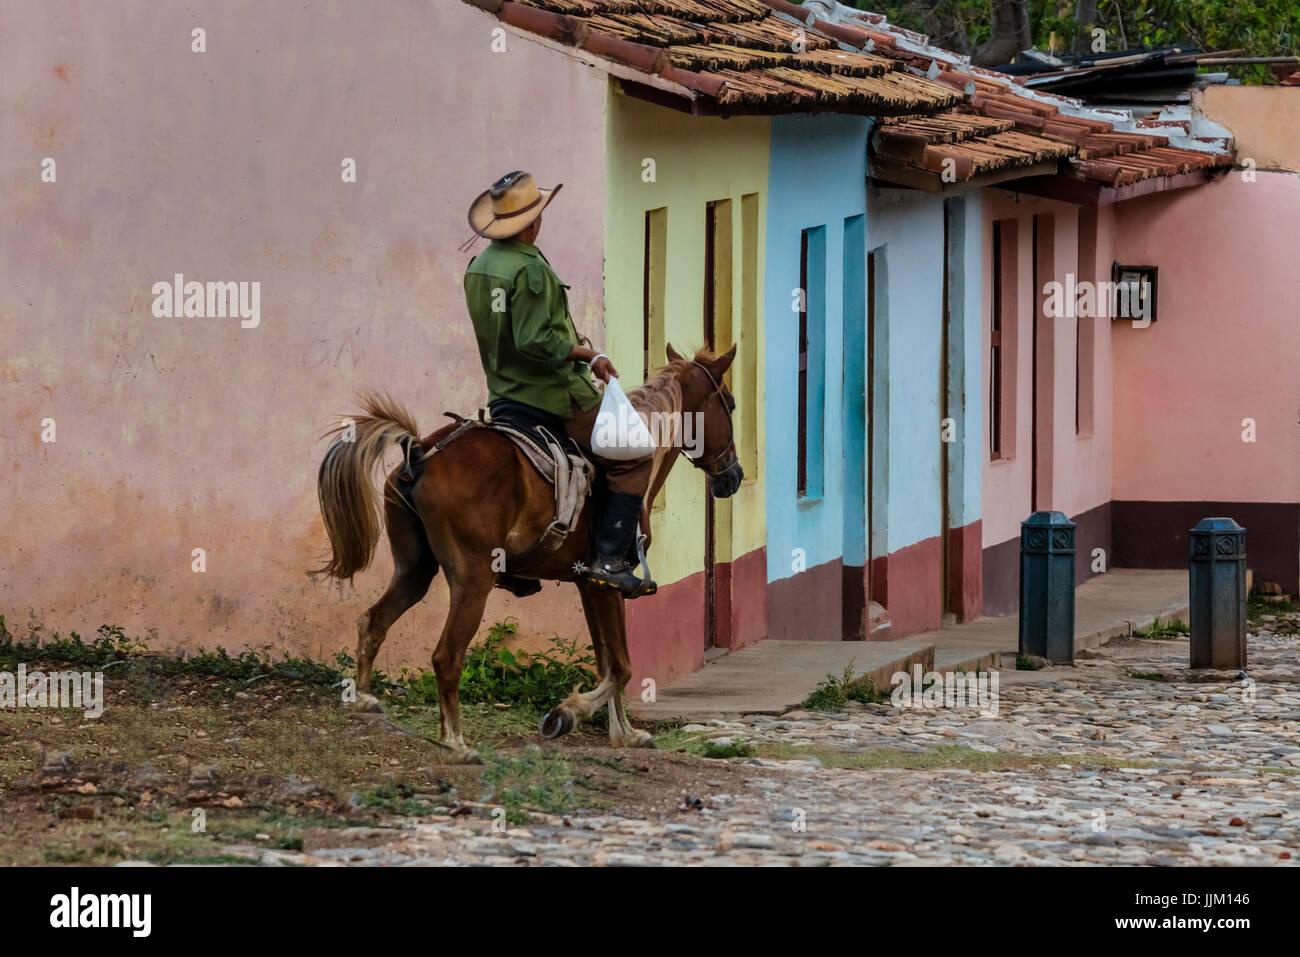 Pferde und Cowboys sind einem gemeinsamen Standort auf die gepflasterten Straßen von TRINIDAD, Kuba Stockbild